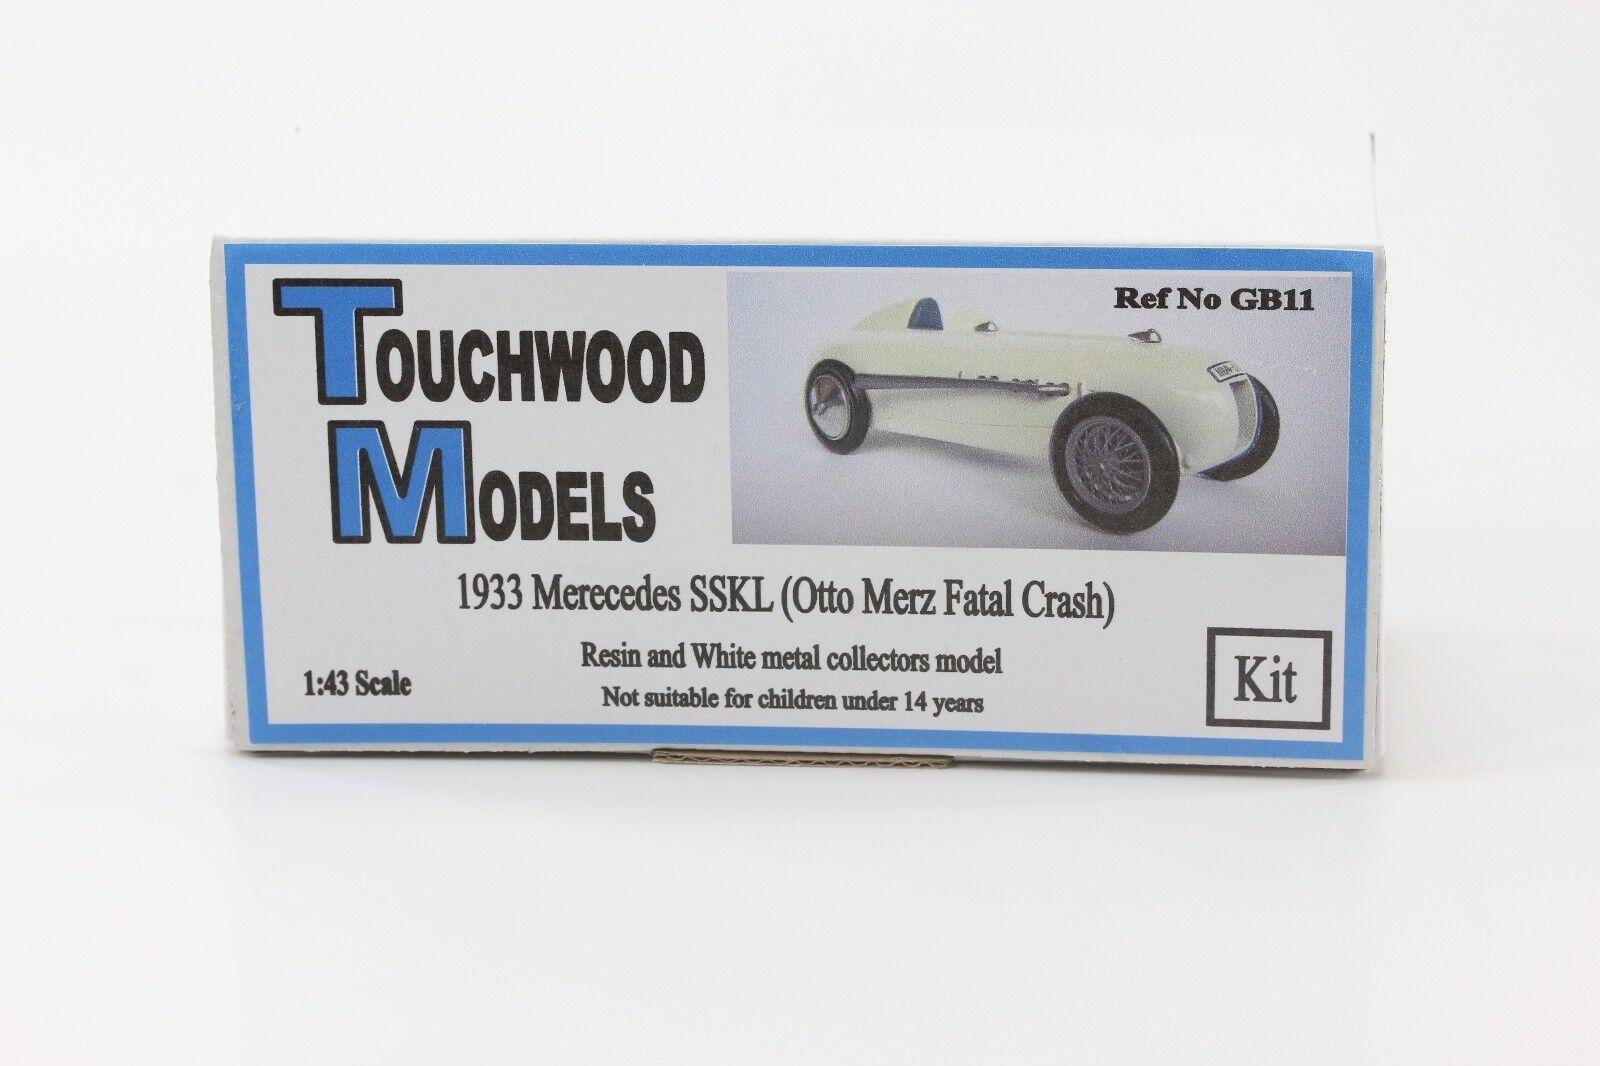 promocionales de incentivo Mercedes-Benz Mercedes-Benz Mercedes-Benz SSKL Avus 1933 Otto Merz kit de 1 43 Touchwood GB11  hasta un 60% de descuento